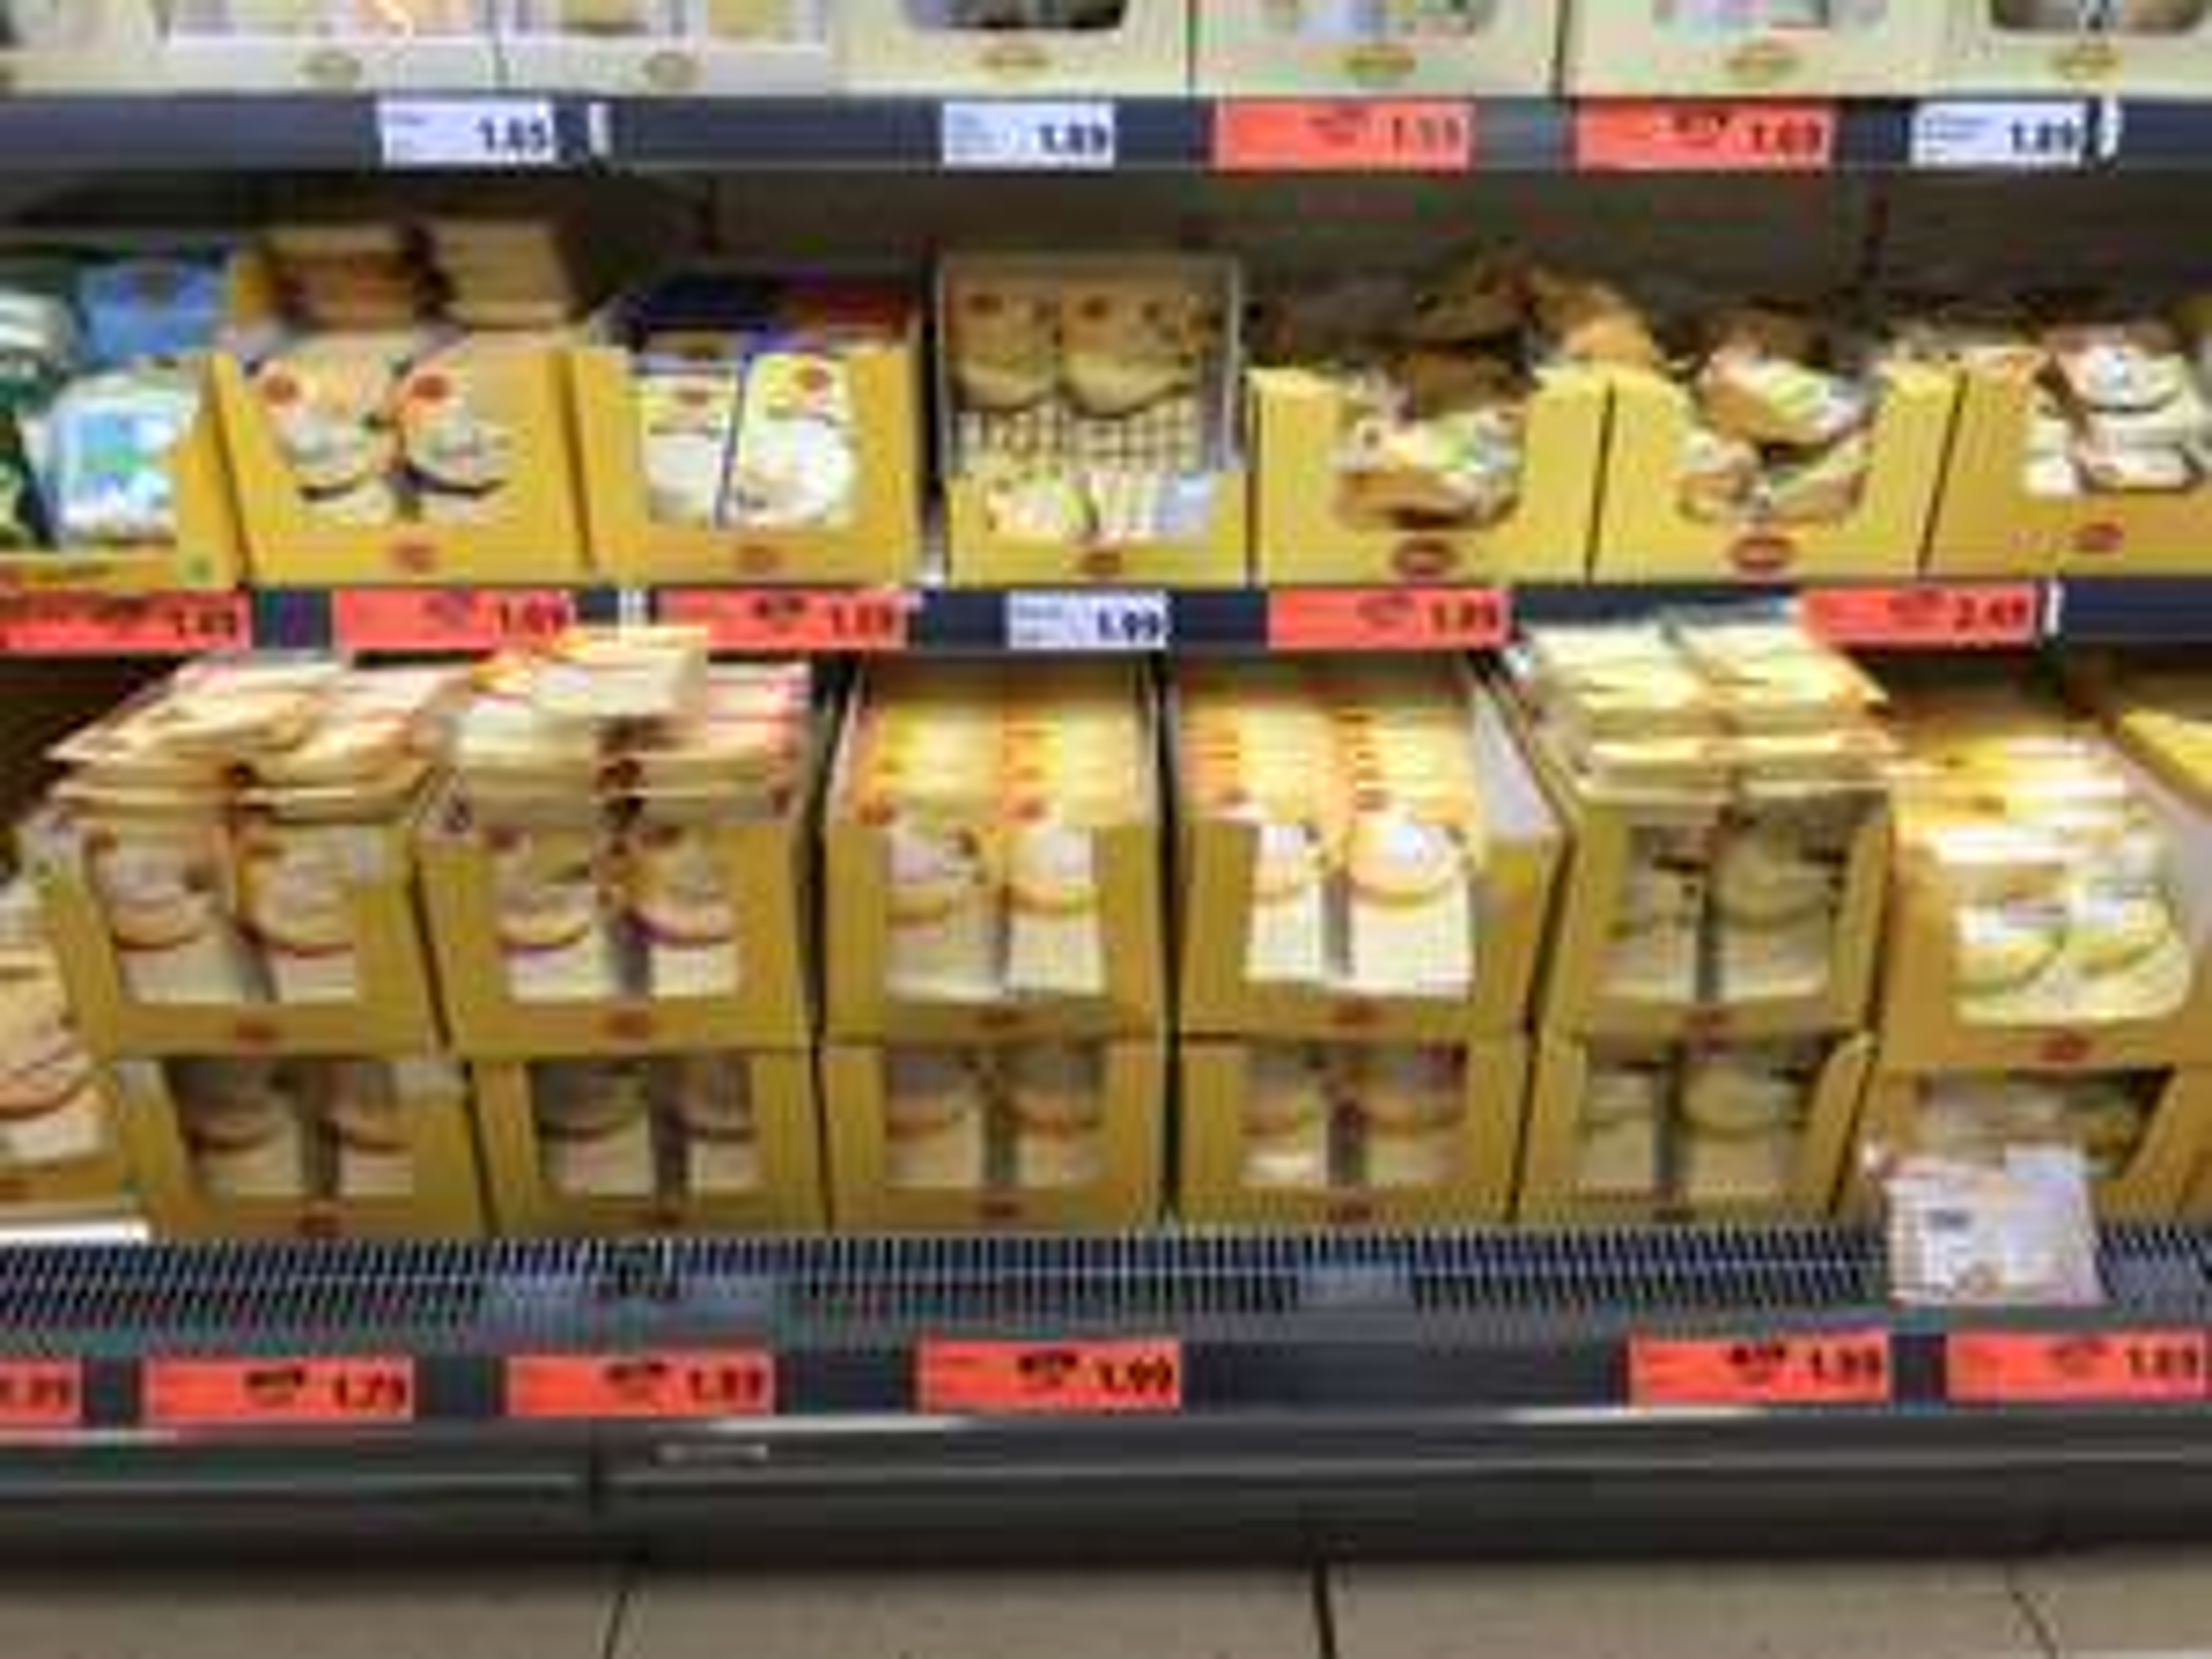 Edamer und weitere Käse Sorten im Preis reduziert bei Lidl 12-23% [Lokal]